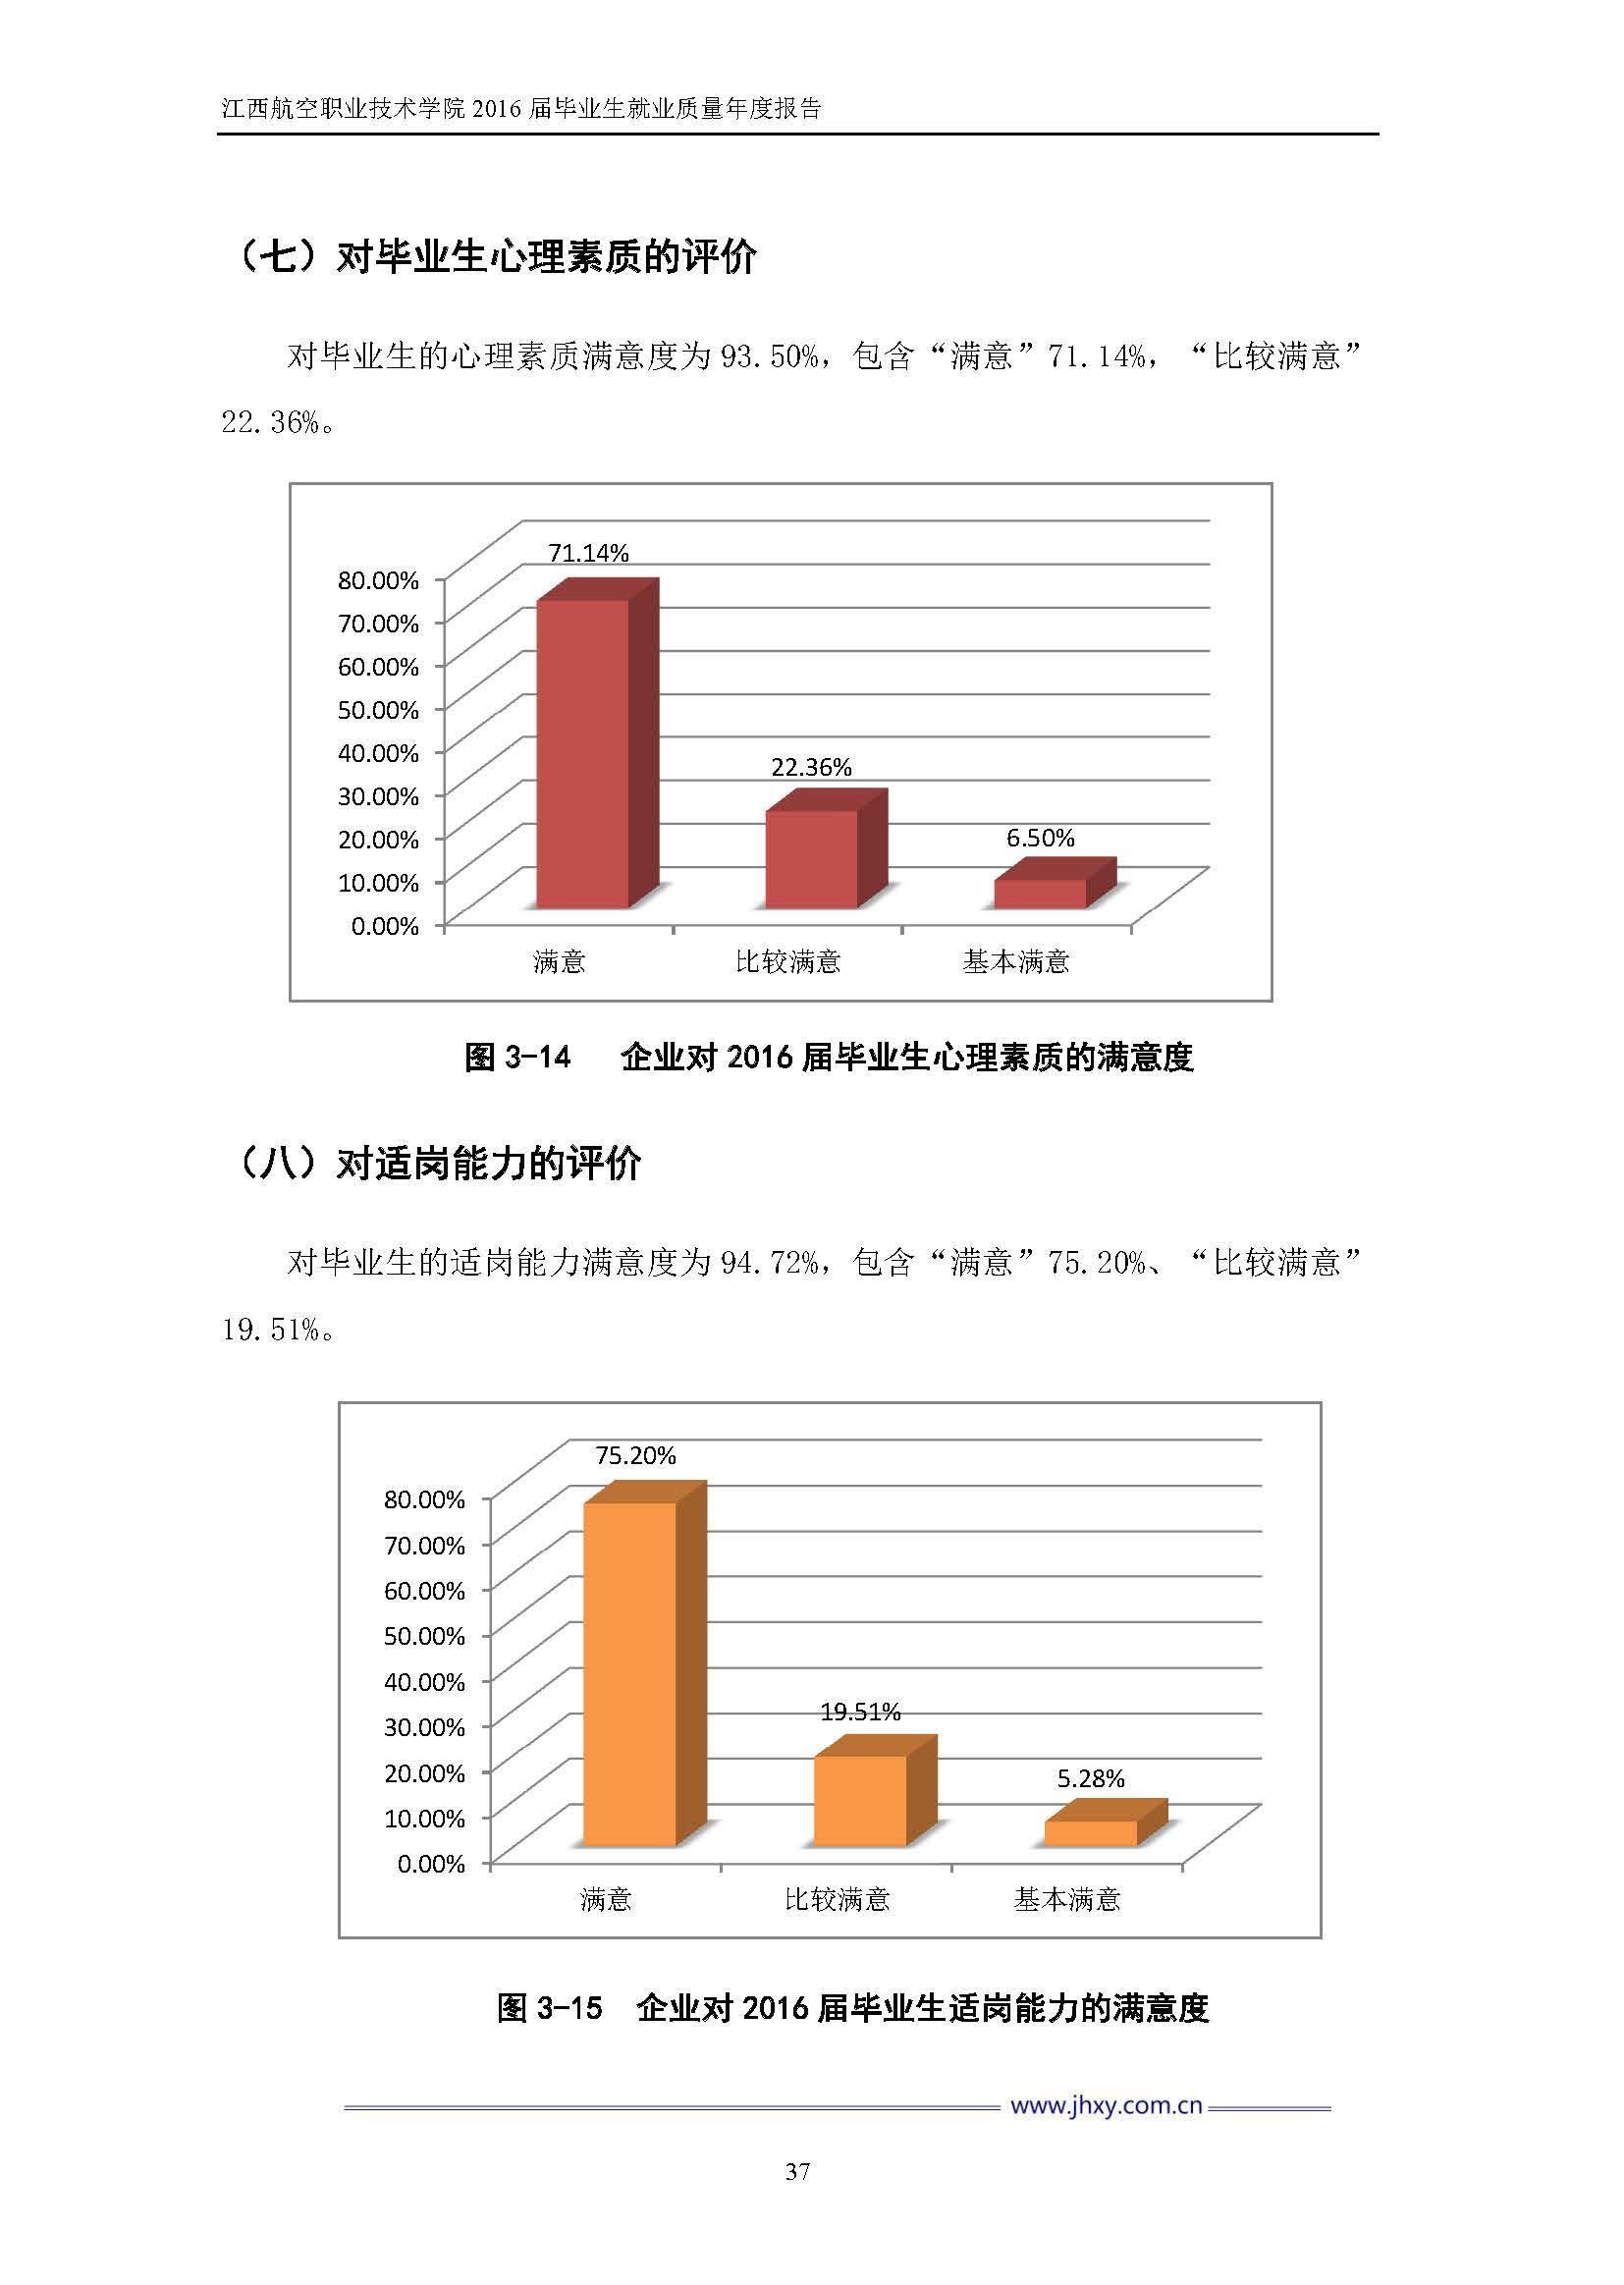 江西航空职业技术学院2016届毕业生就业质量年度报告_Page_44.jpg